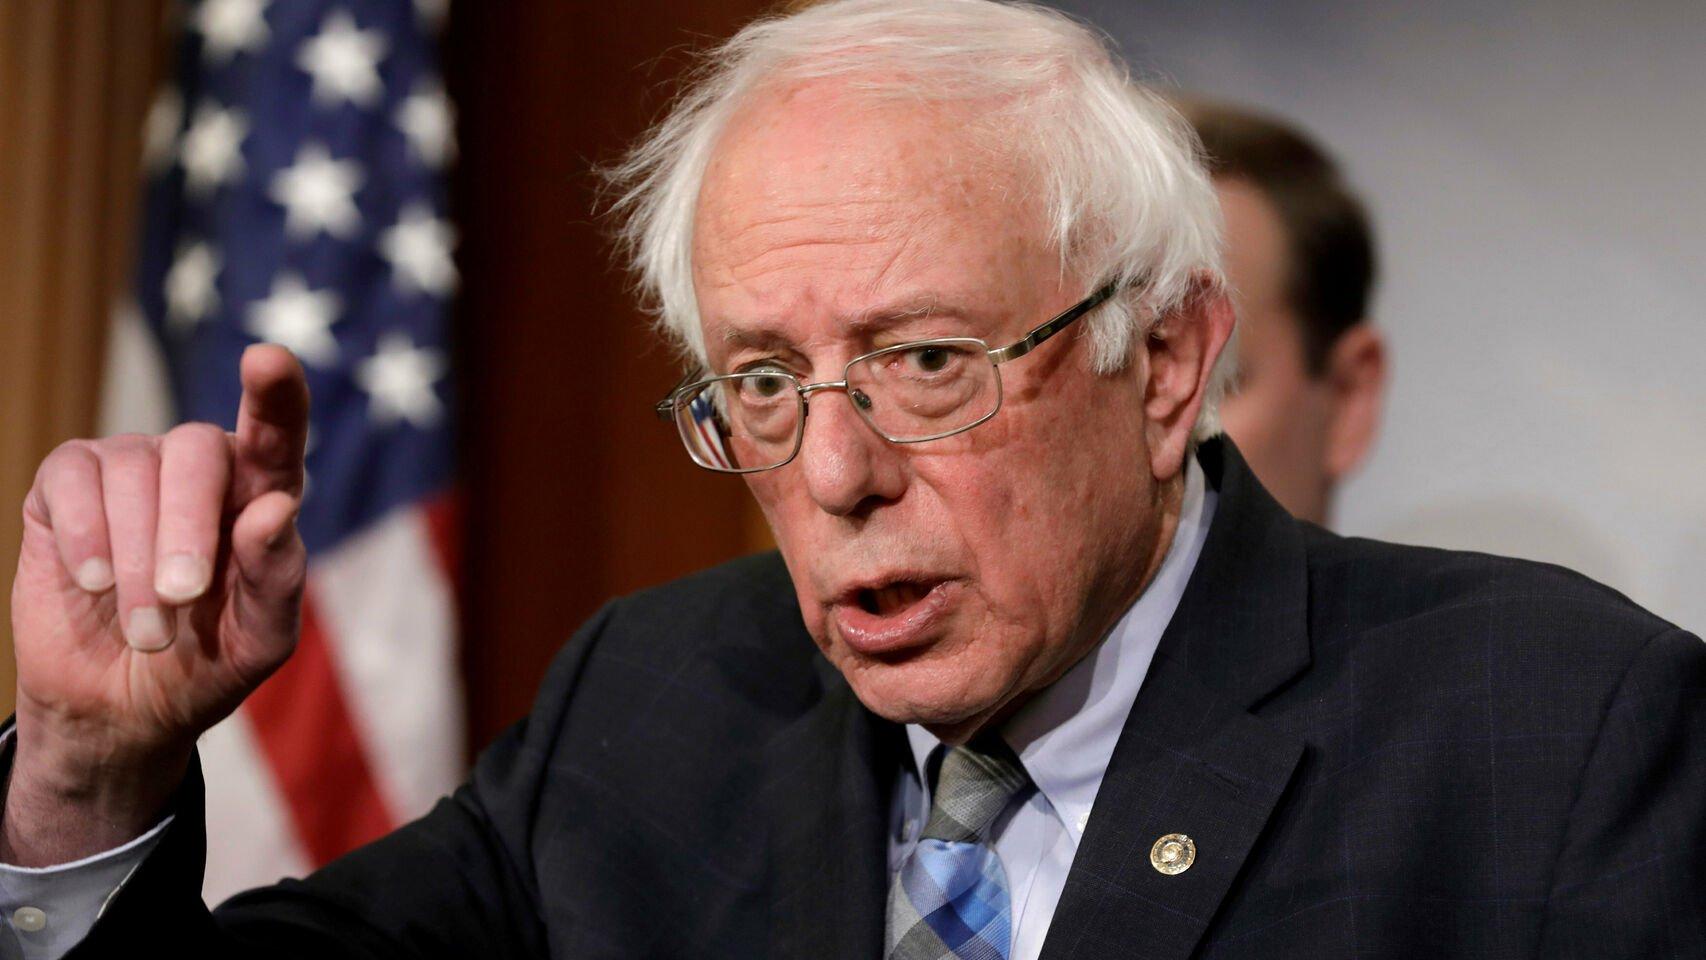 Sanders, partidario del aborto para frenar el cambio climático, lidera las encuestas demócratas